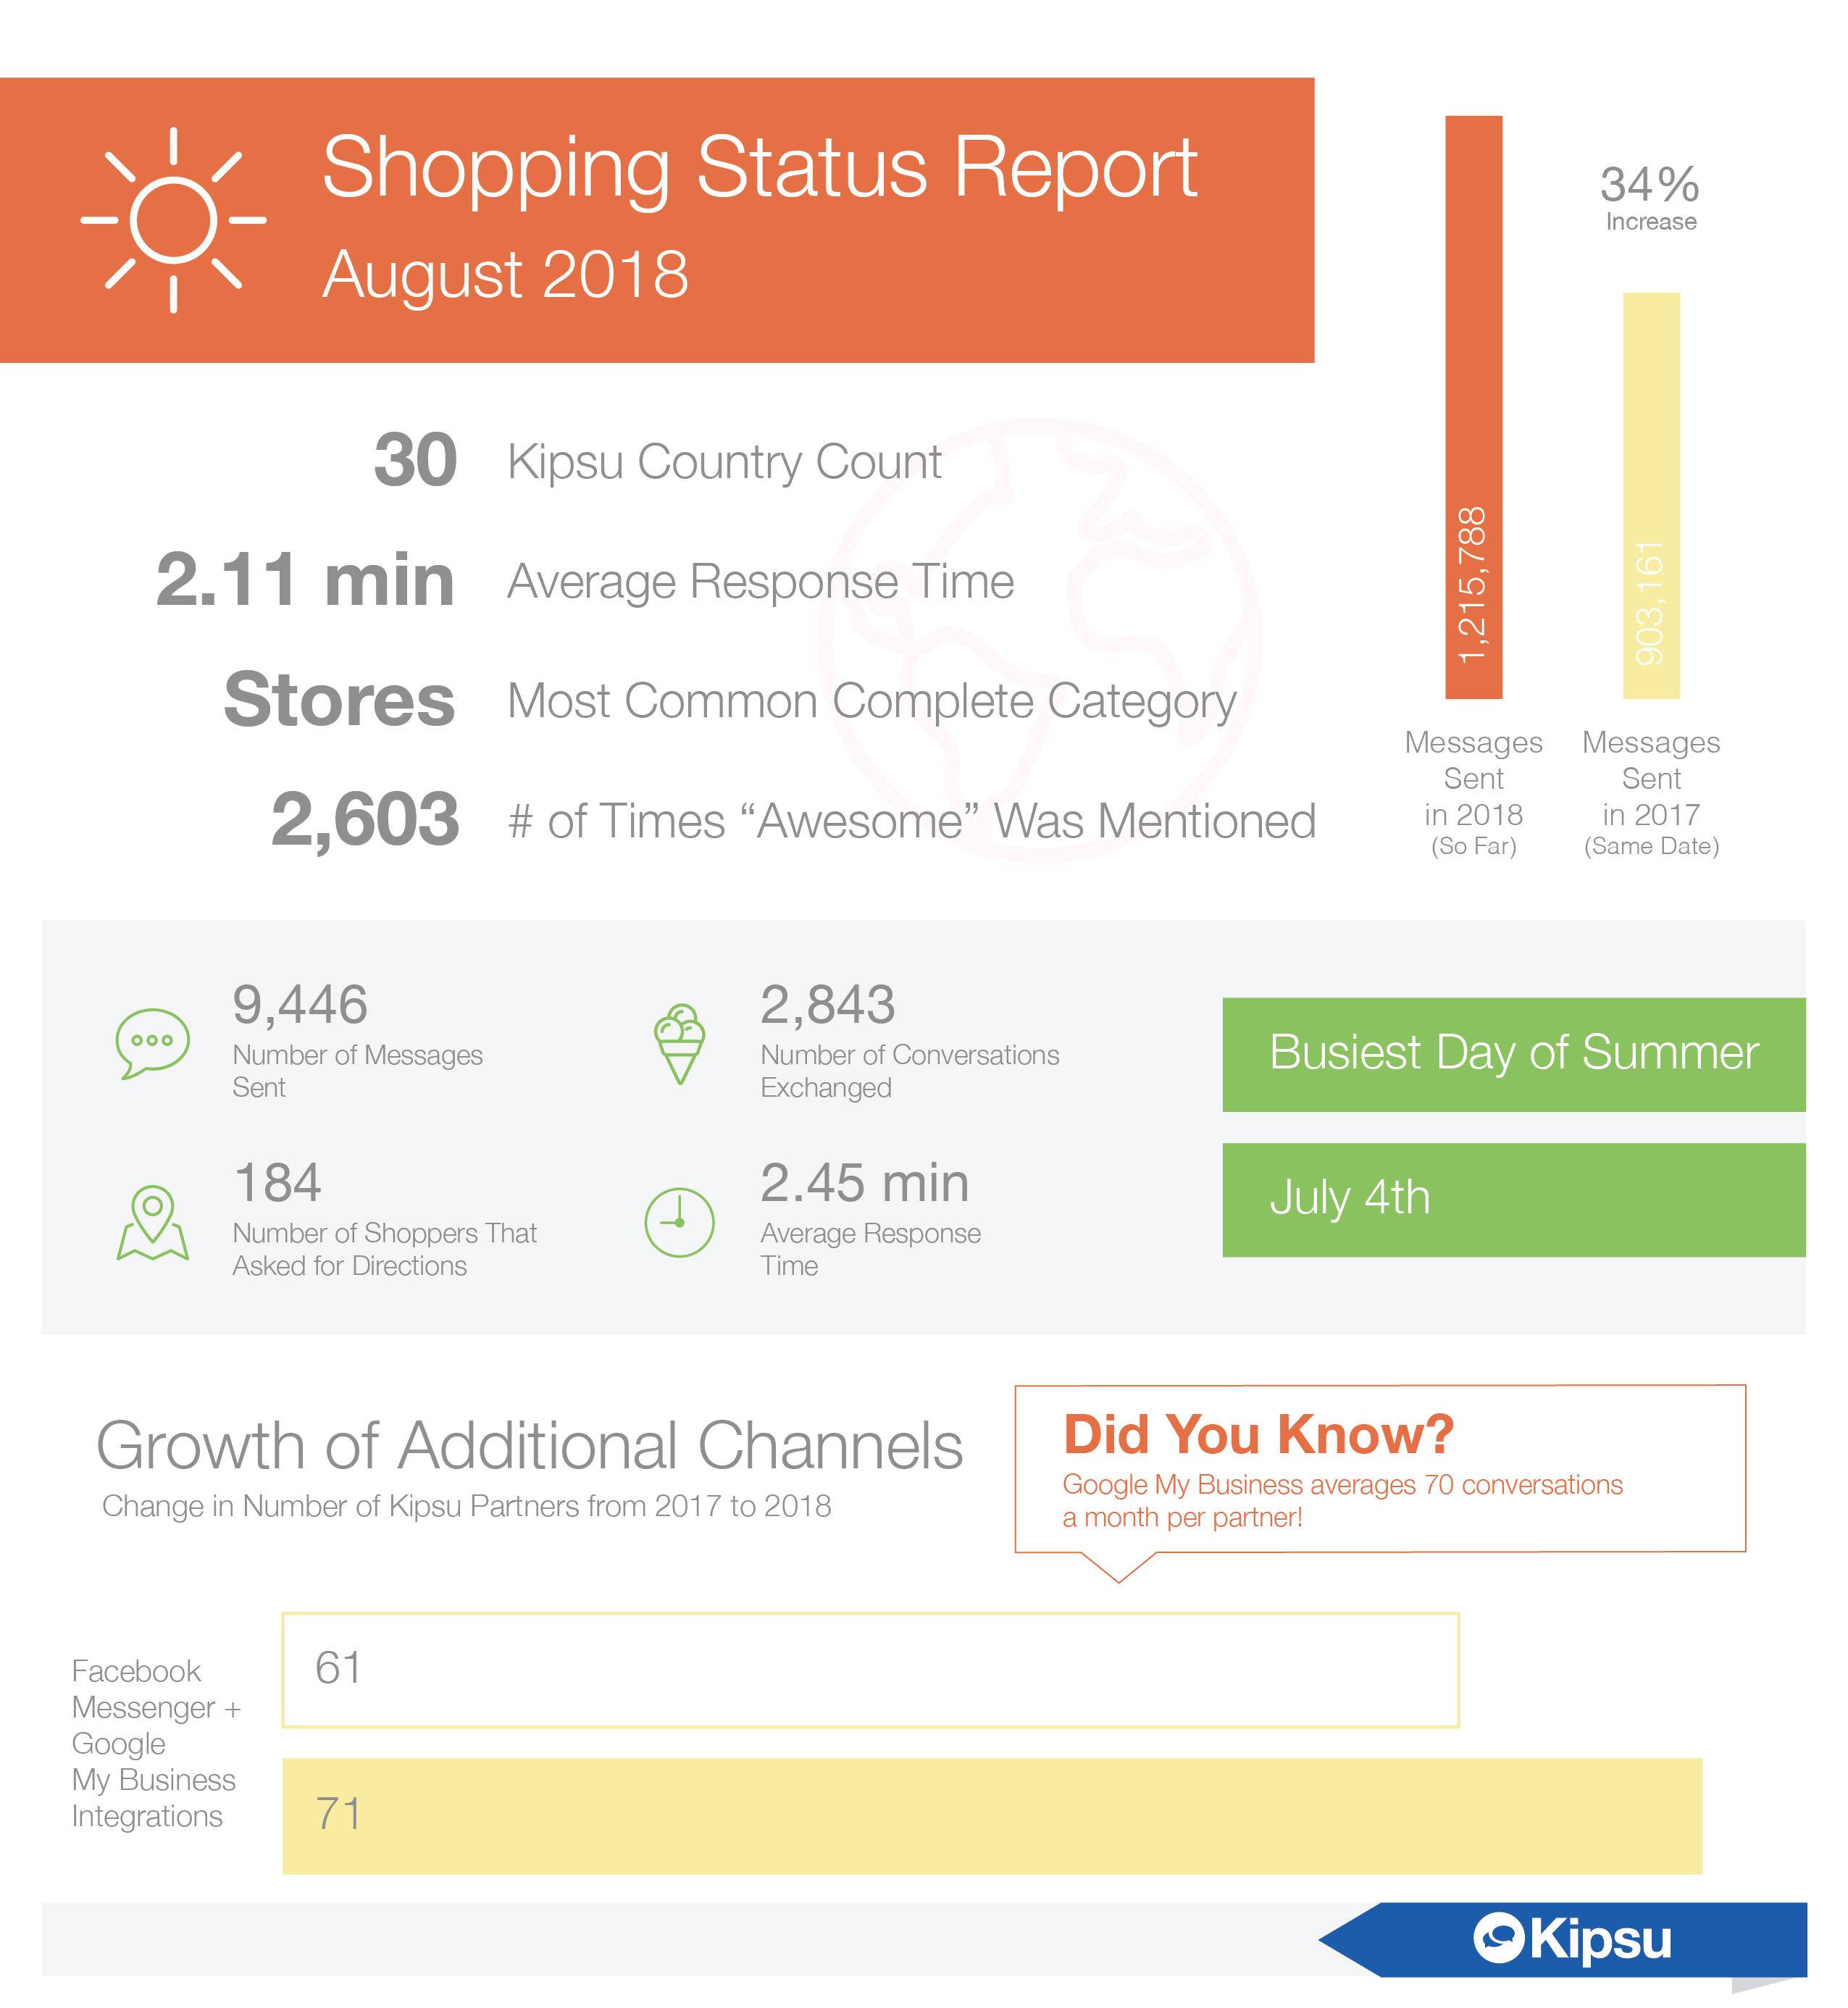 August 2018 Kipsu Shopping Status Report